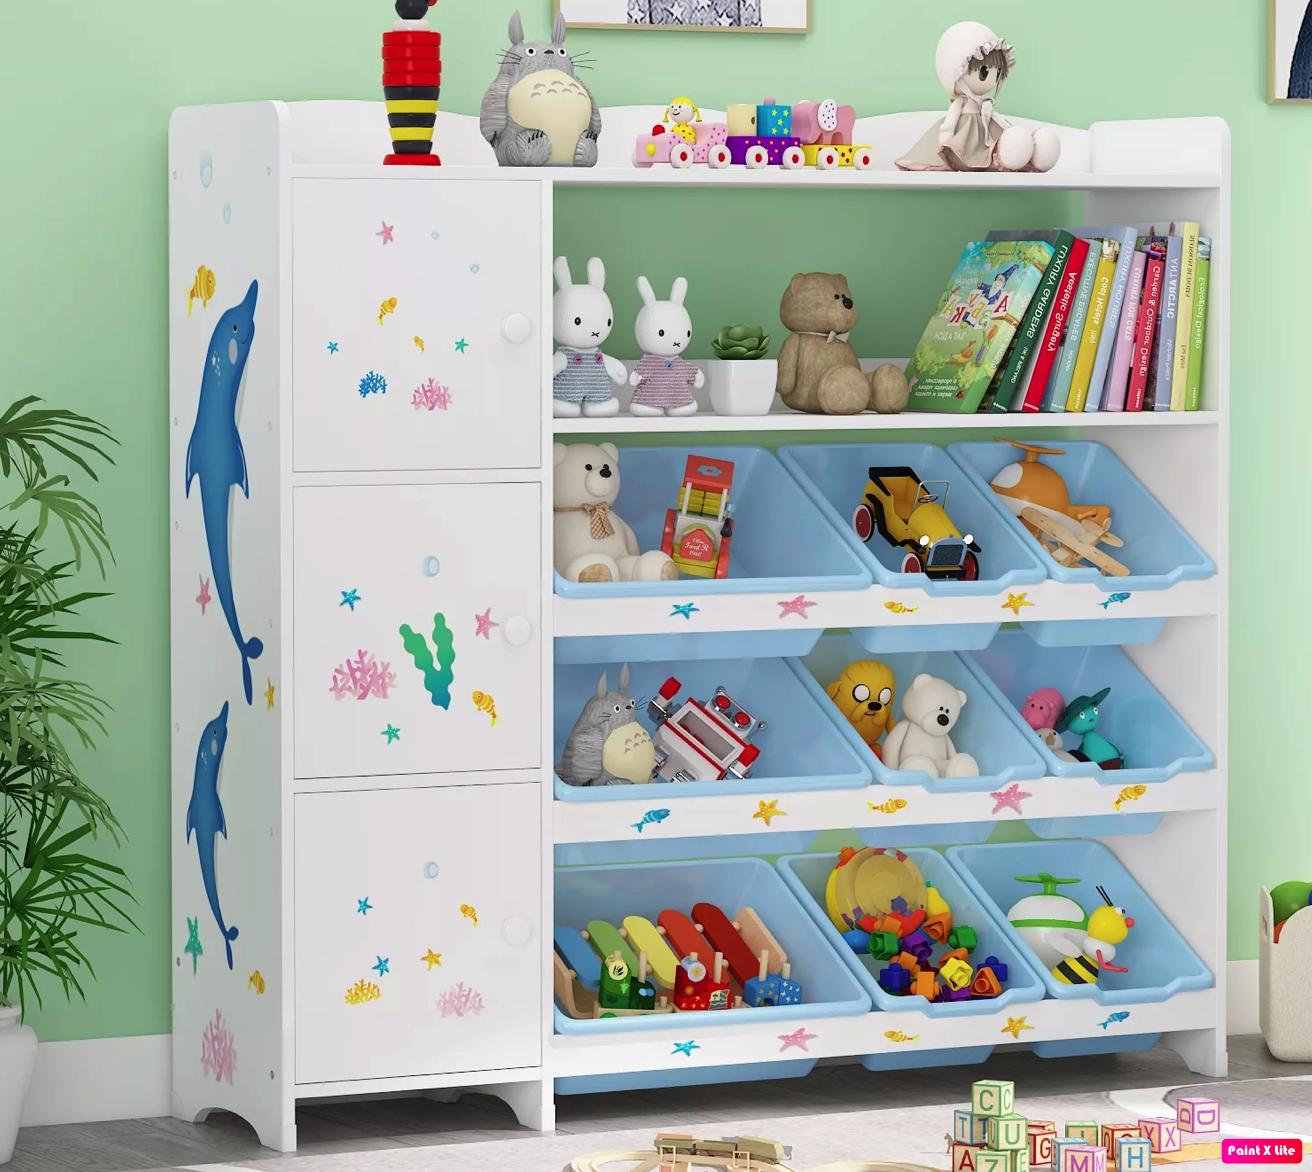 место для книг в детской